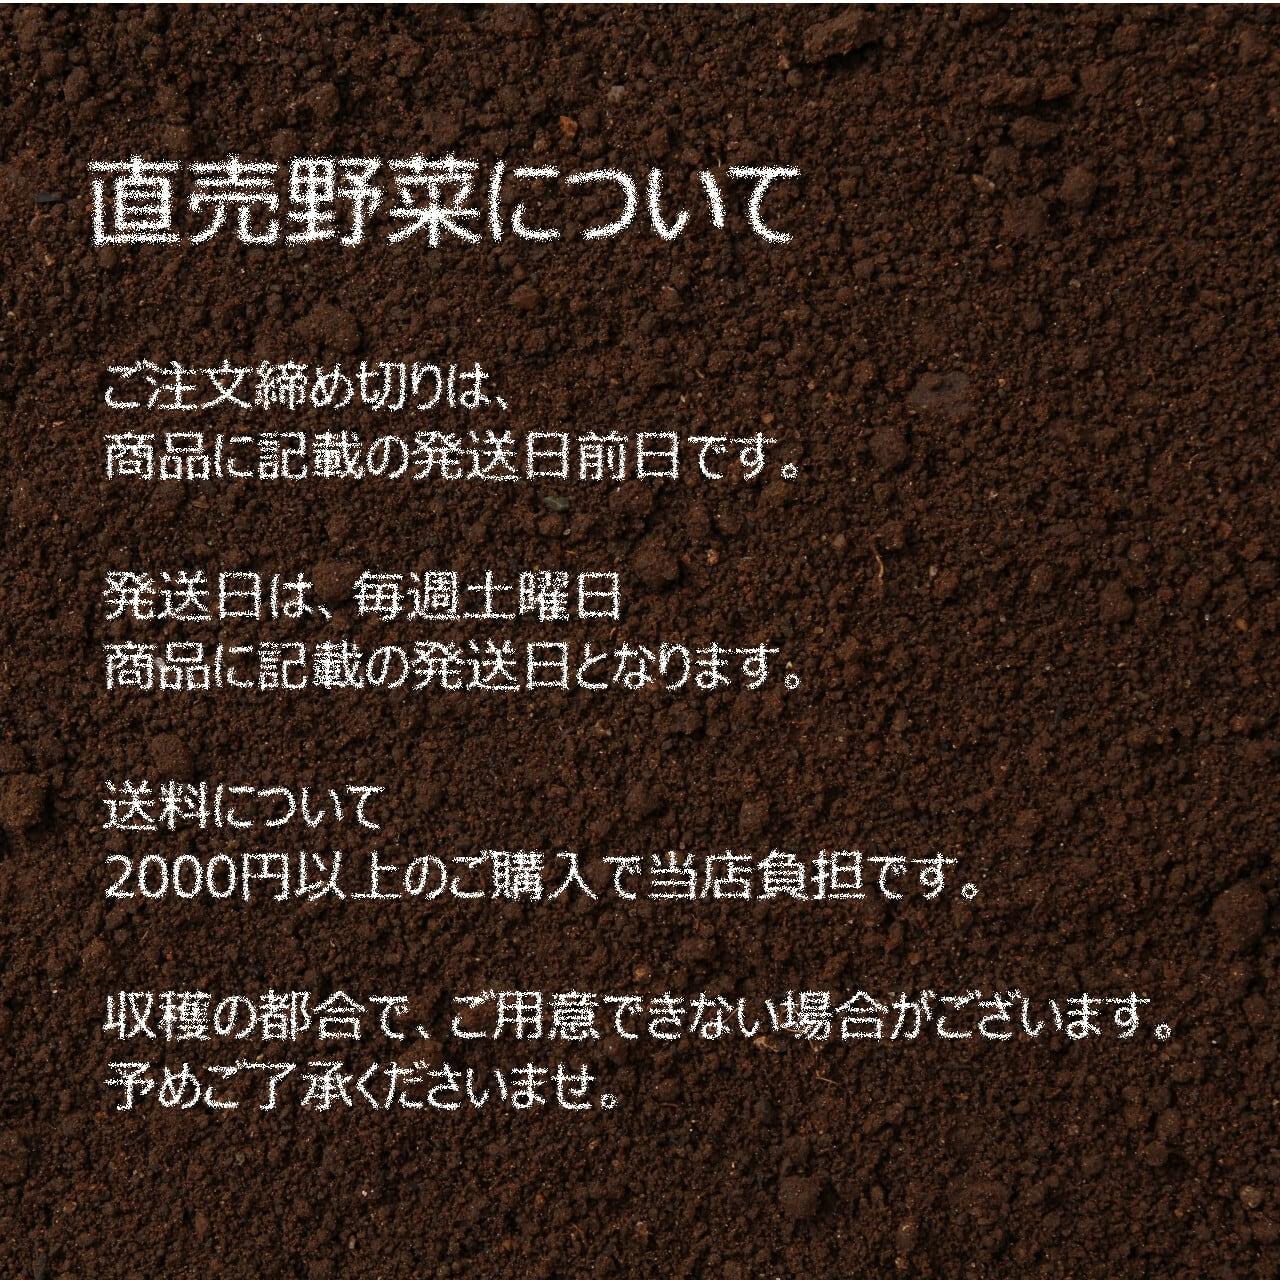 10月の朝採り直売野菜 : ブロッコリー 約 1個: 新鮮な秋野菜 10月31日発送予定